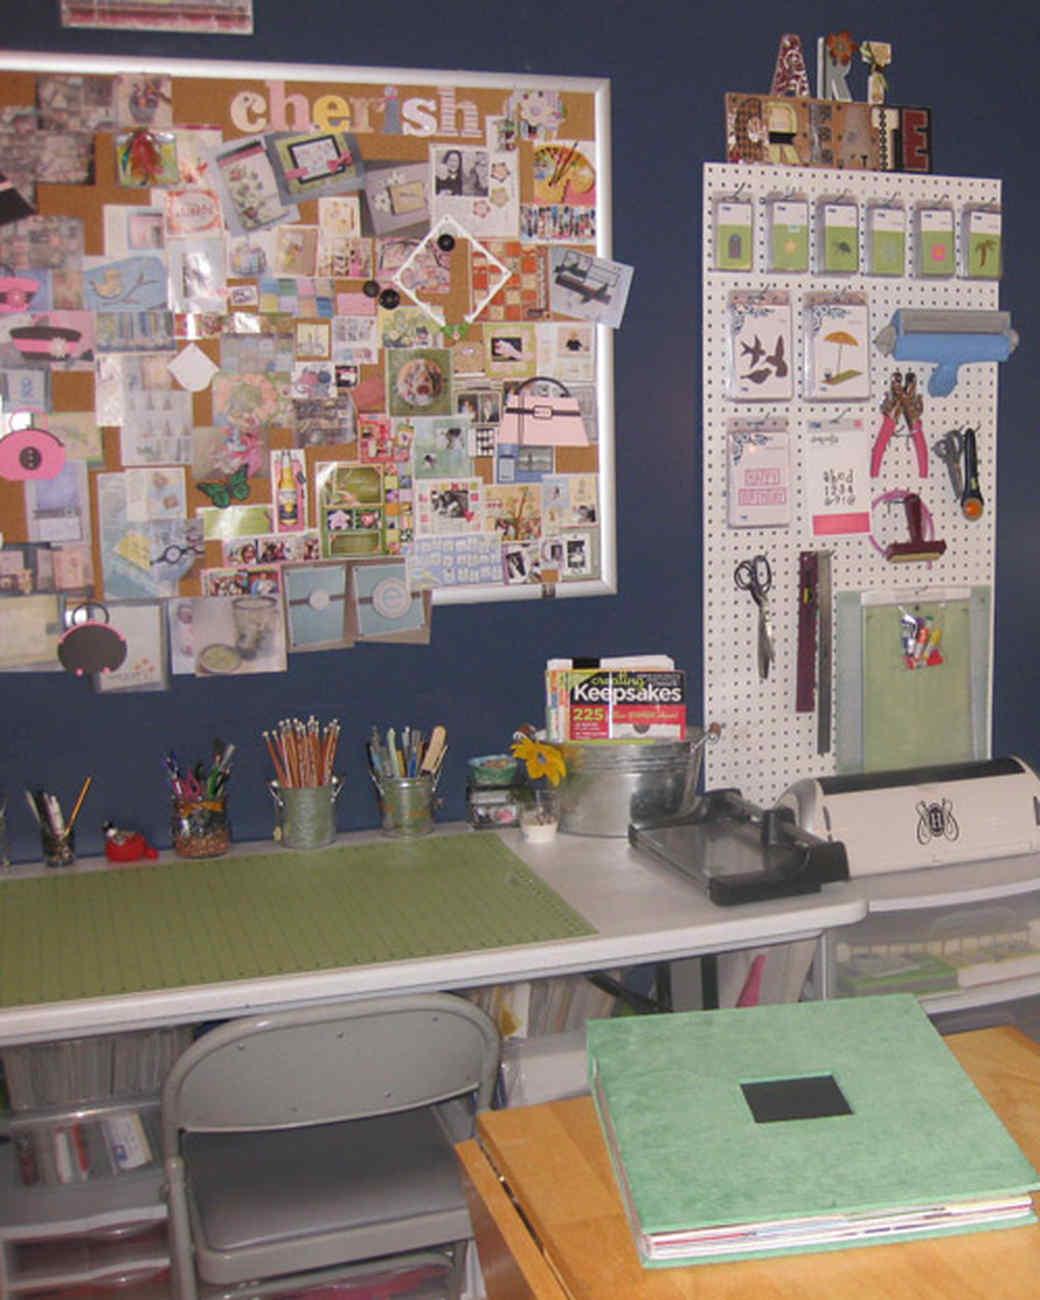 ugc_craftroom_7255930_19156033.jpg